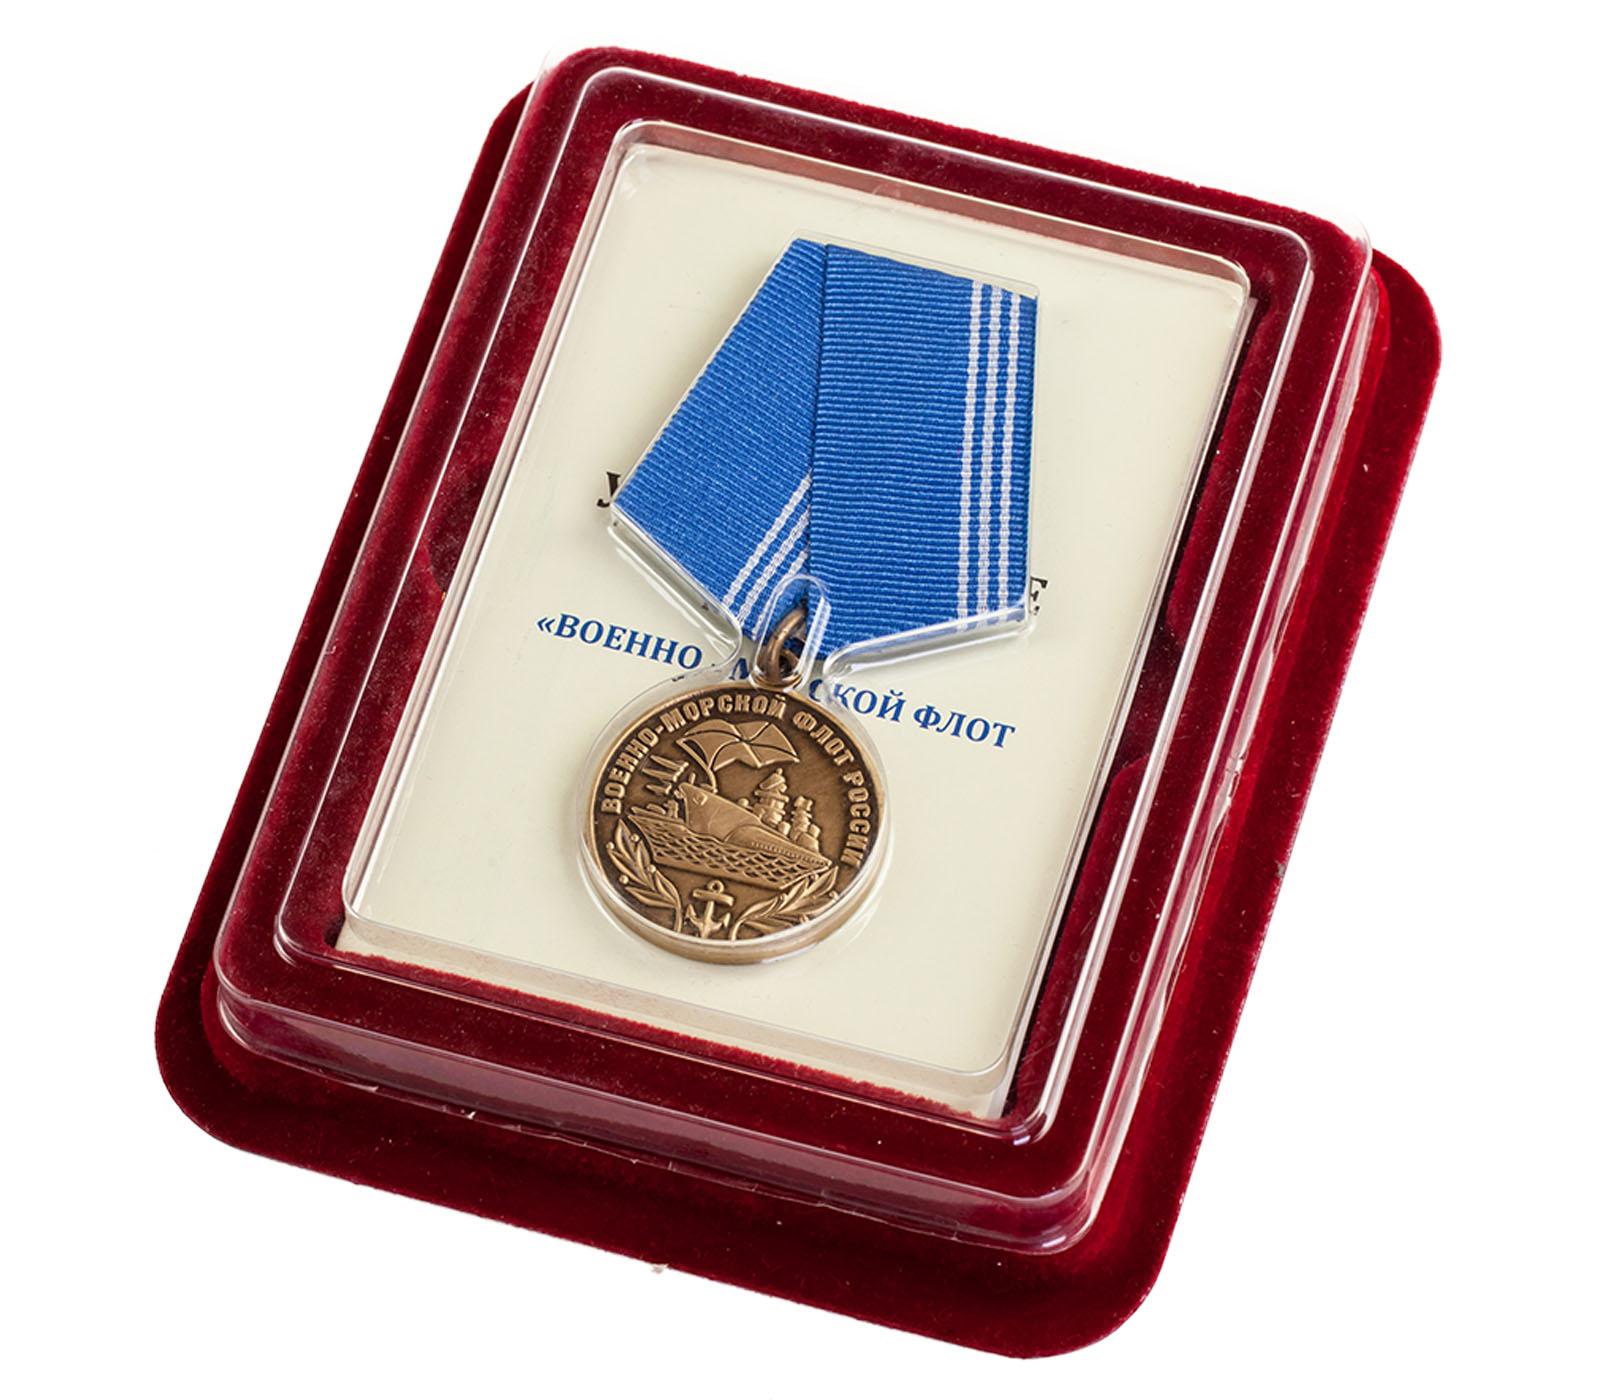 """Медаль """"Военно-морской флот РФ"""" в оригинальном футляре из флока с пластиковой крышкой"""